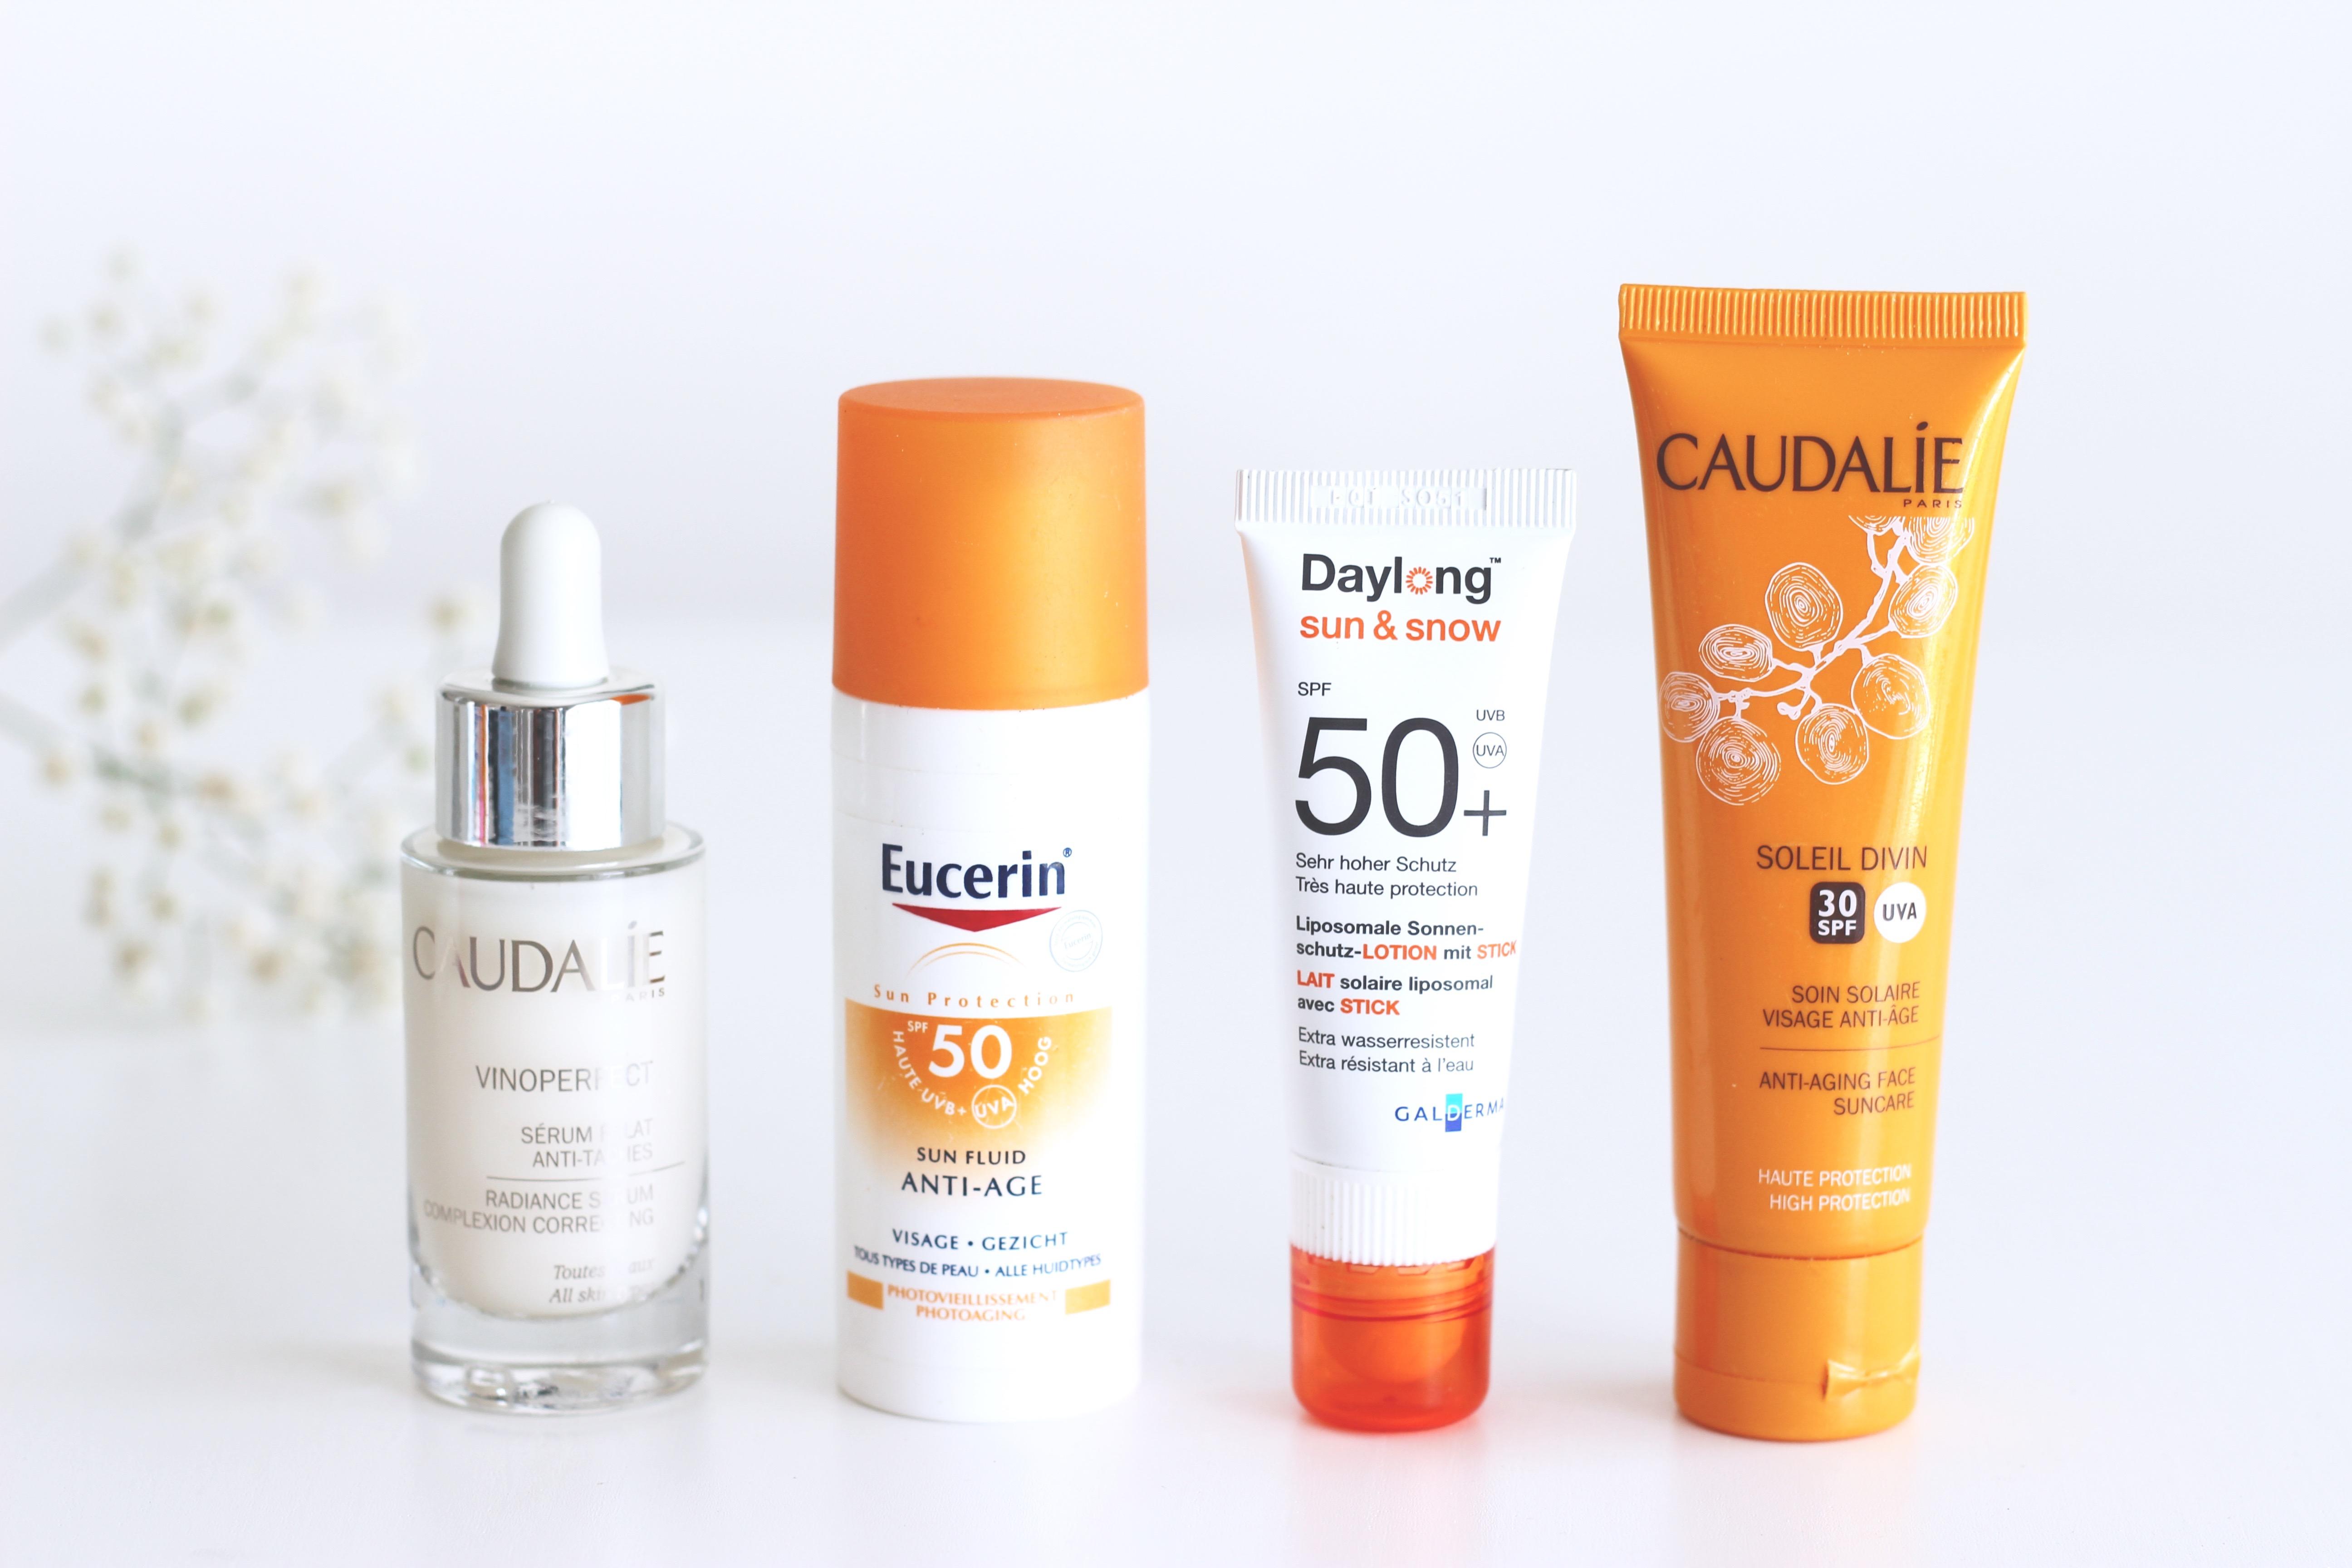 soins solaire visage